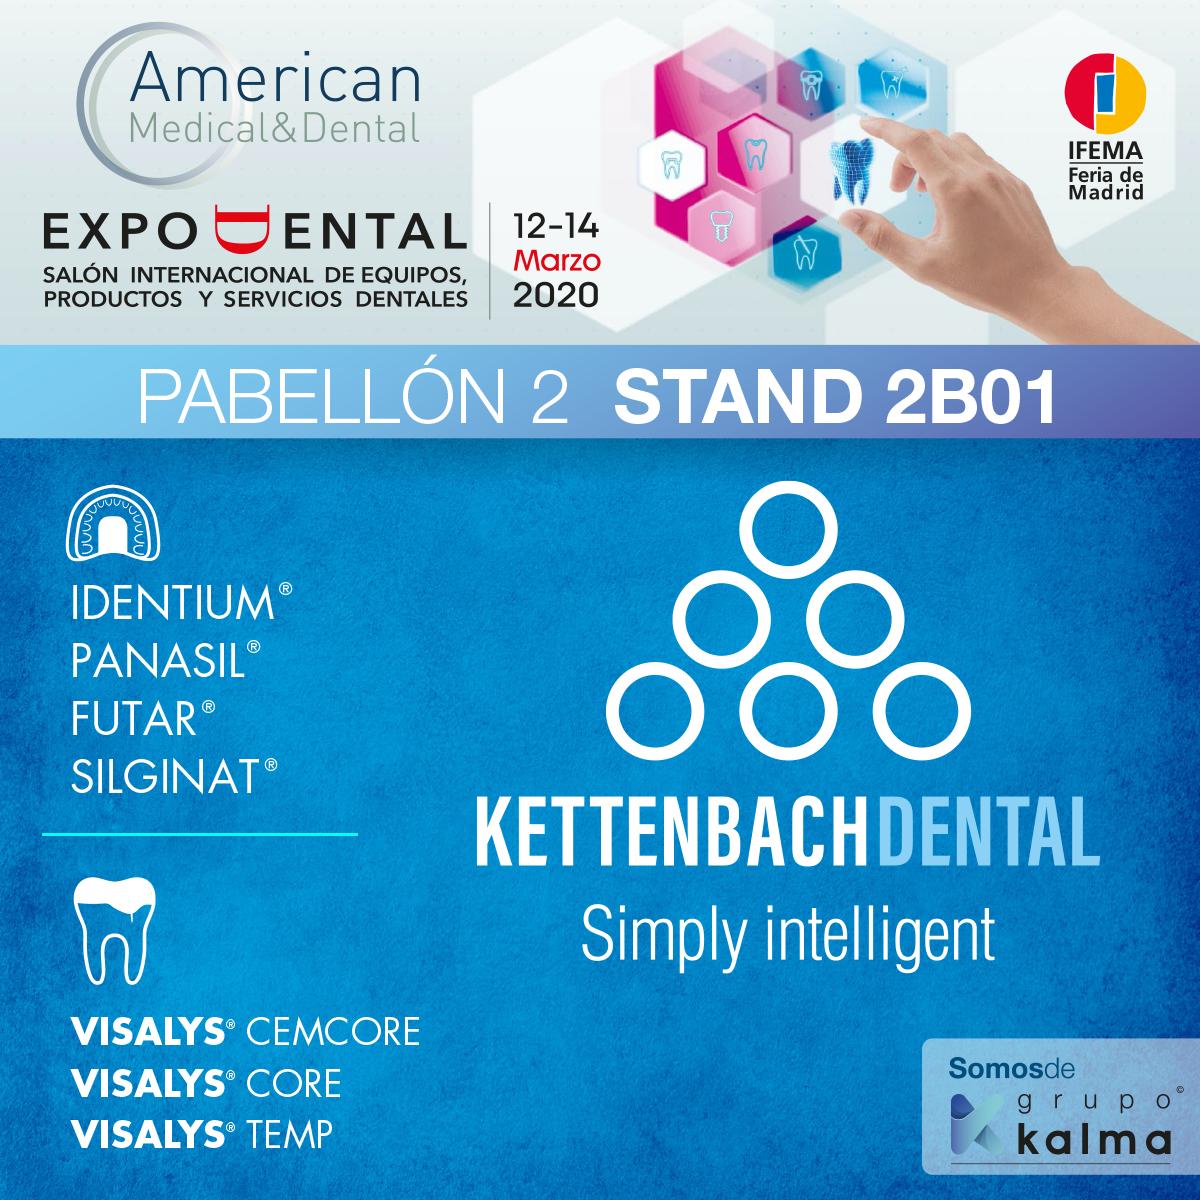 Kettenbach en el stand de Americcan M&D en Expodental 2020